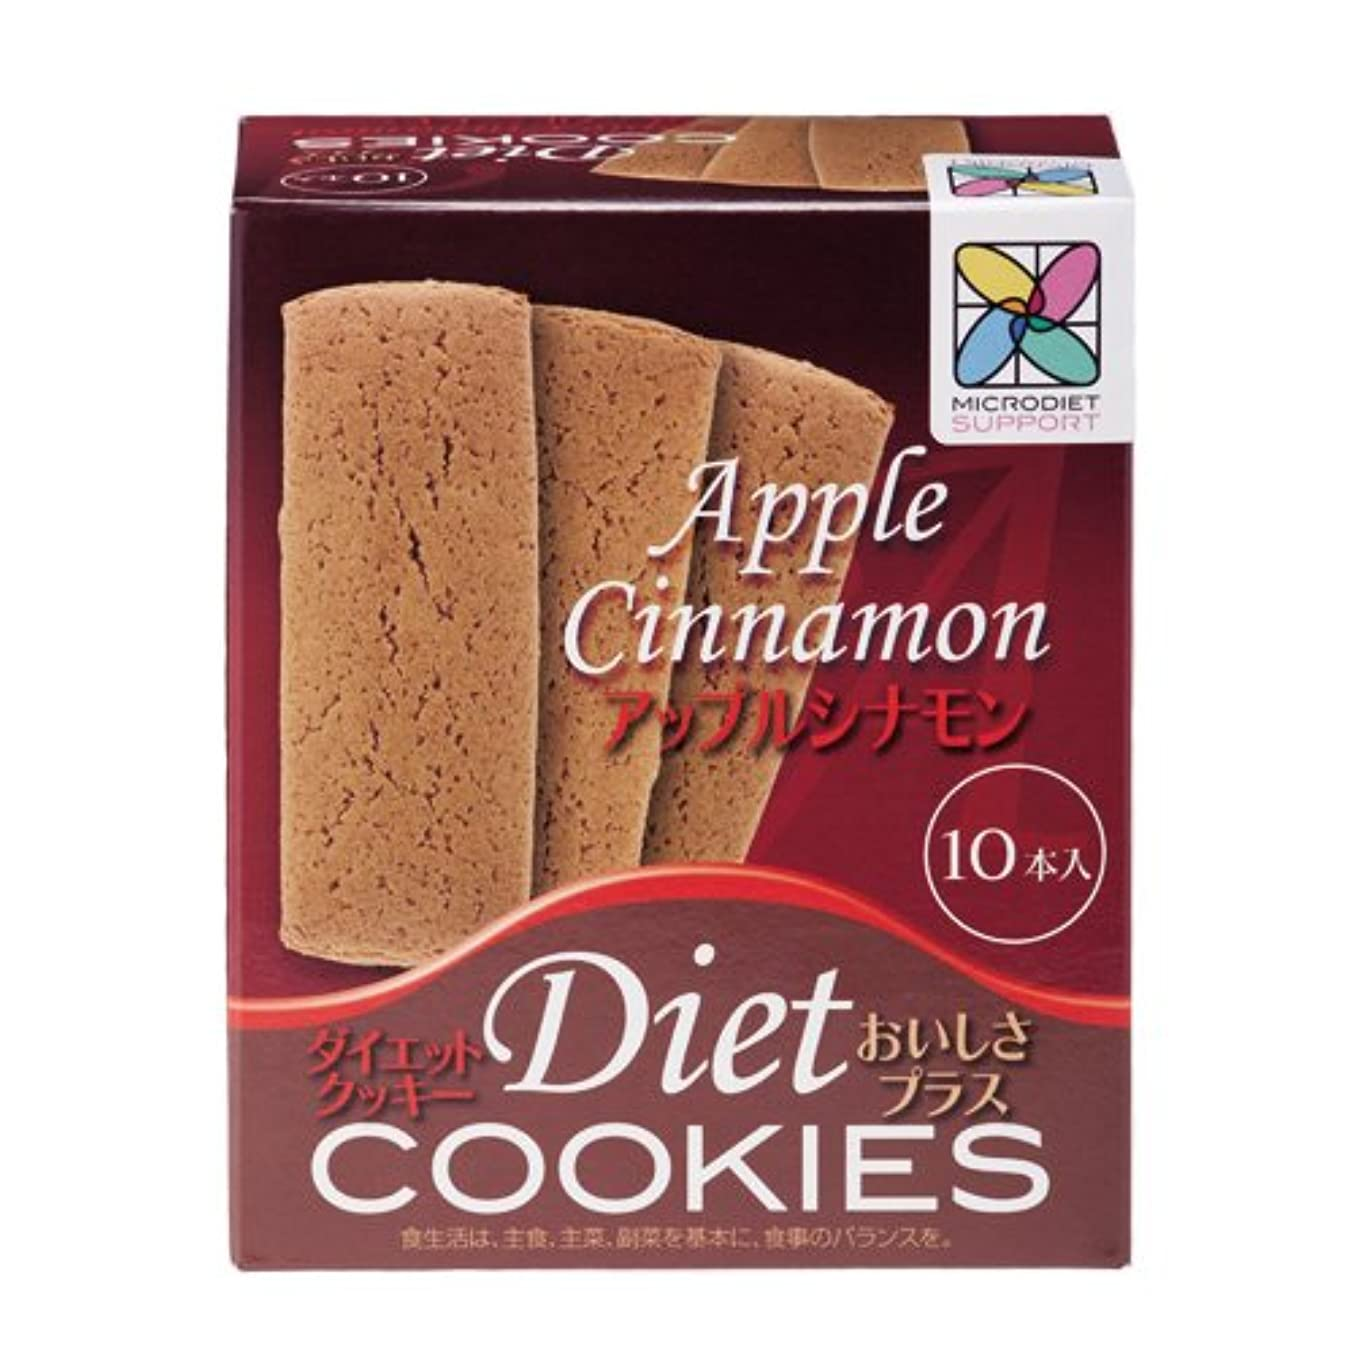 サロン遵守する憂慮すべきダイエットクッキーおいしさプラス(アップルシナモン:1箱)(03754)